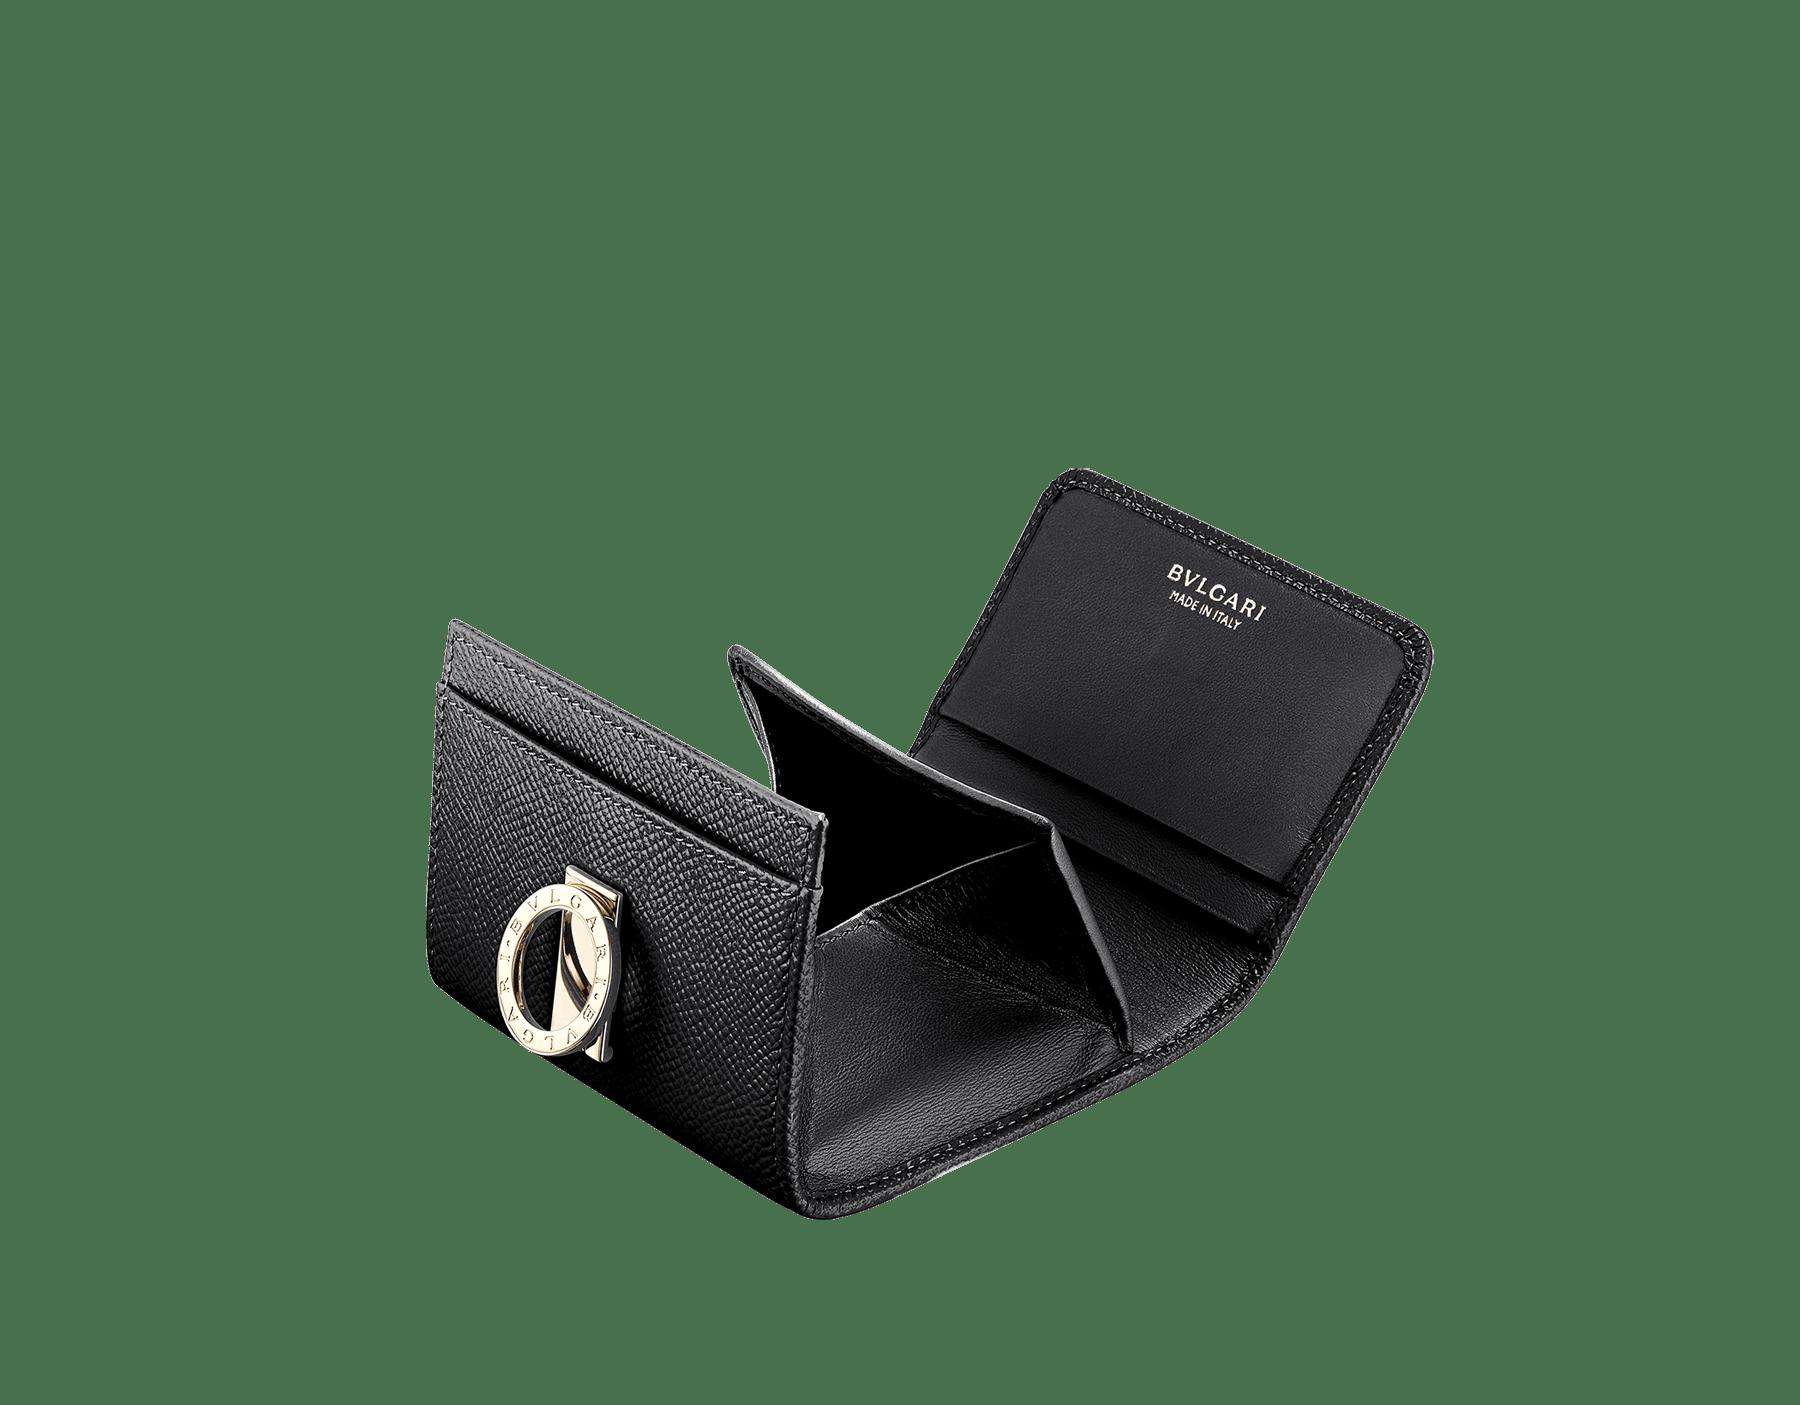 Portefeuille compact BVLGARI BVLGARI en cuir de veau grainé noir et cuir nappa noir. Fermoir emblématique orné du logo BVLGARI BVLGARI en laiton doré. 289991 image 2